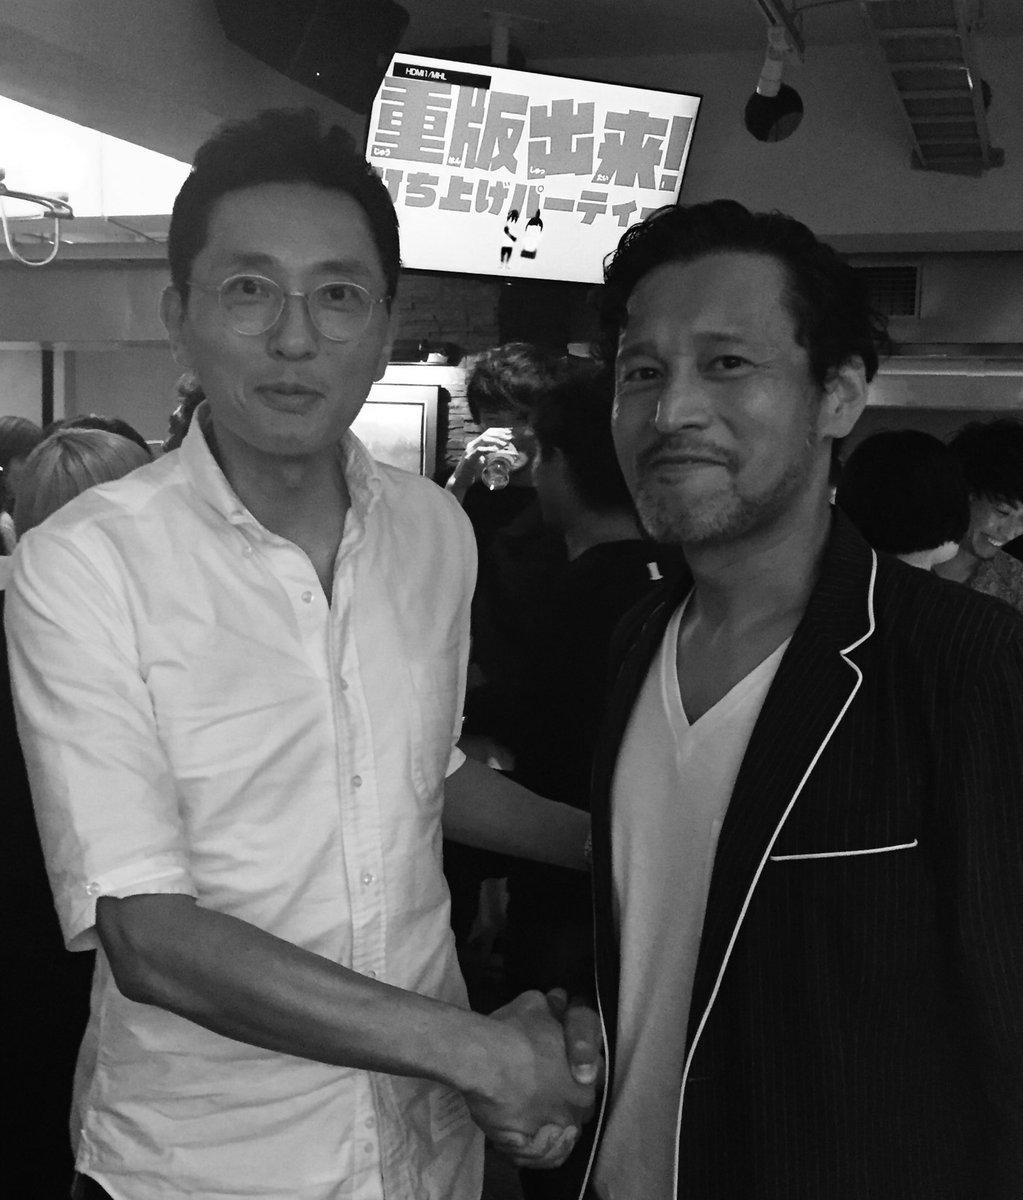 大好きな先輩と18年ぶりに写真撮影。松重豊さん。 #重版出来 https://t.co/Qteb4oVkce